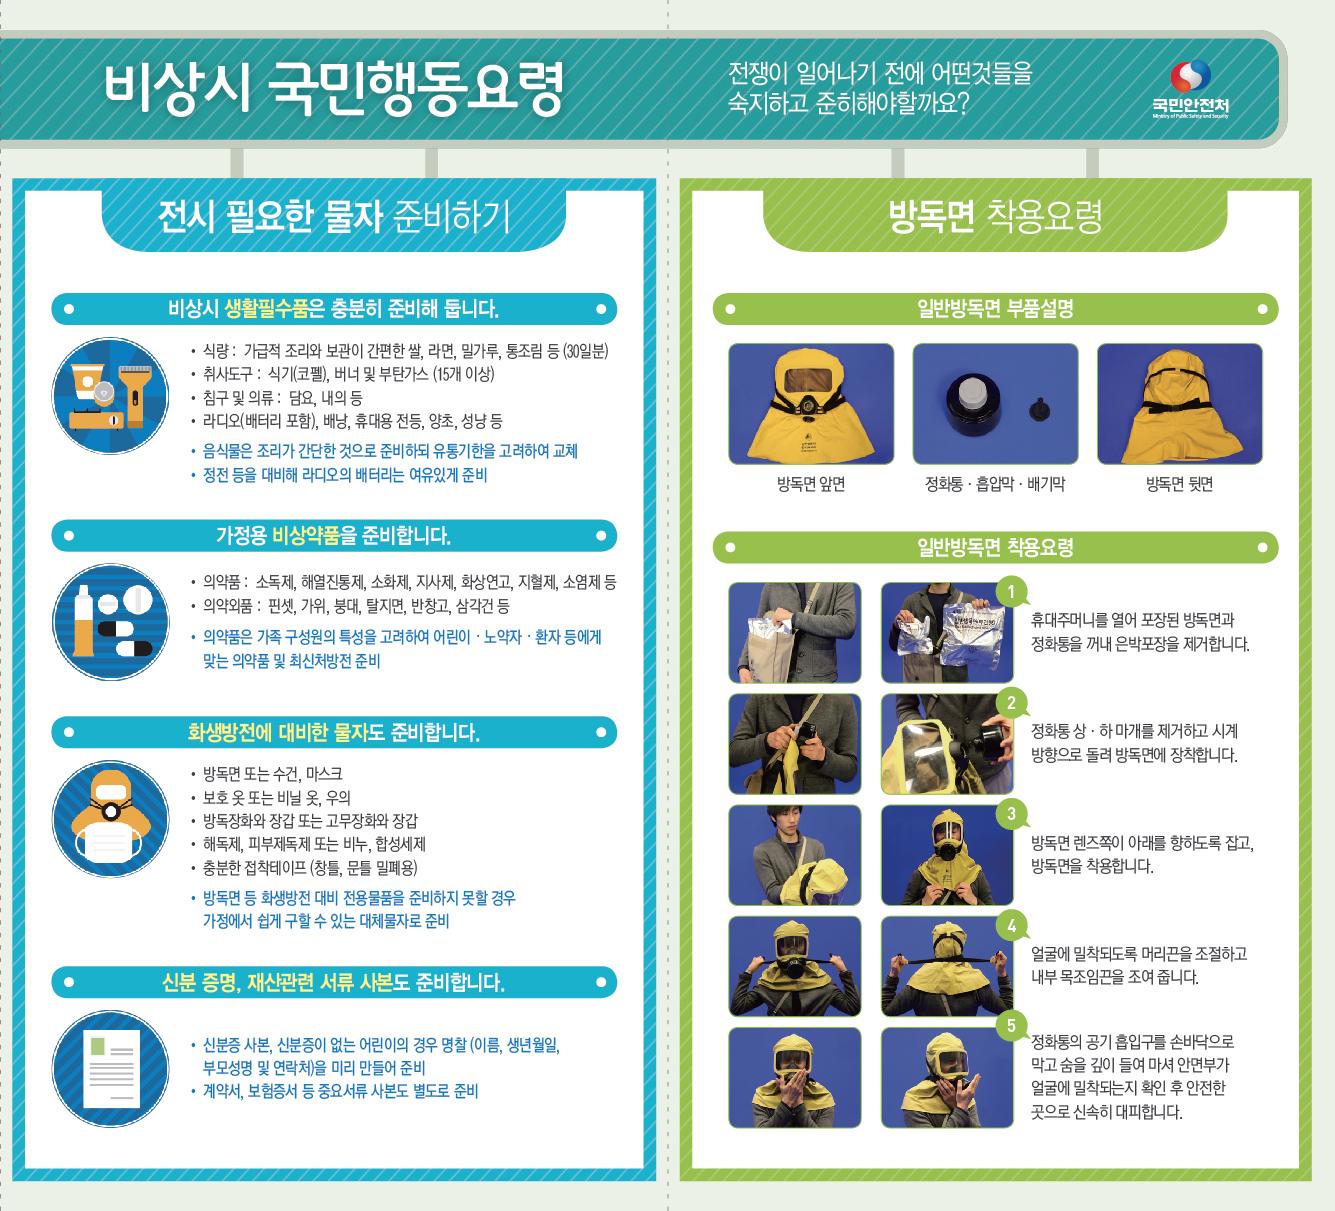 [붙임 4] 비상시 국민행동요령 홍보 리플릿_2페이지